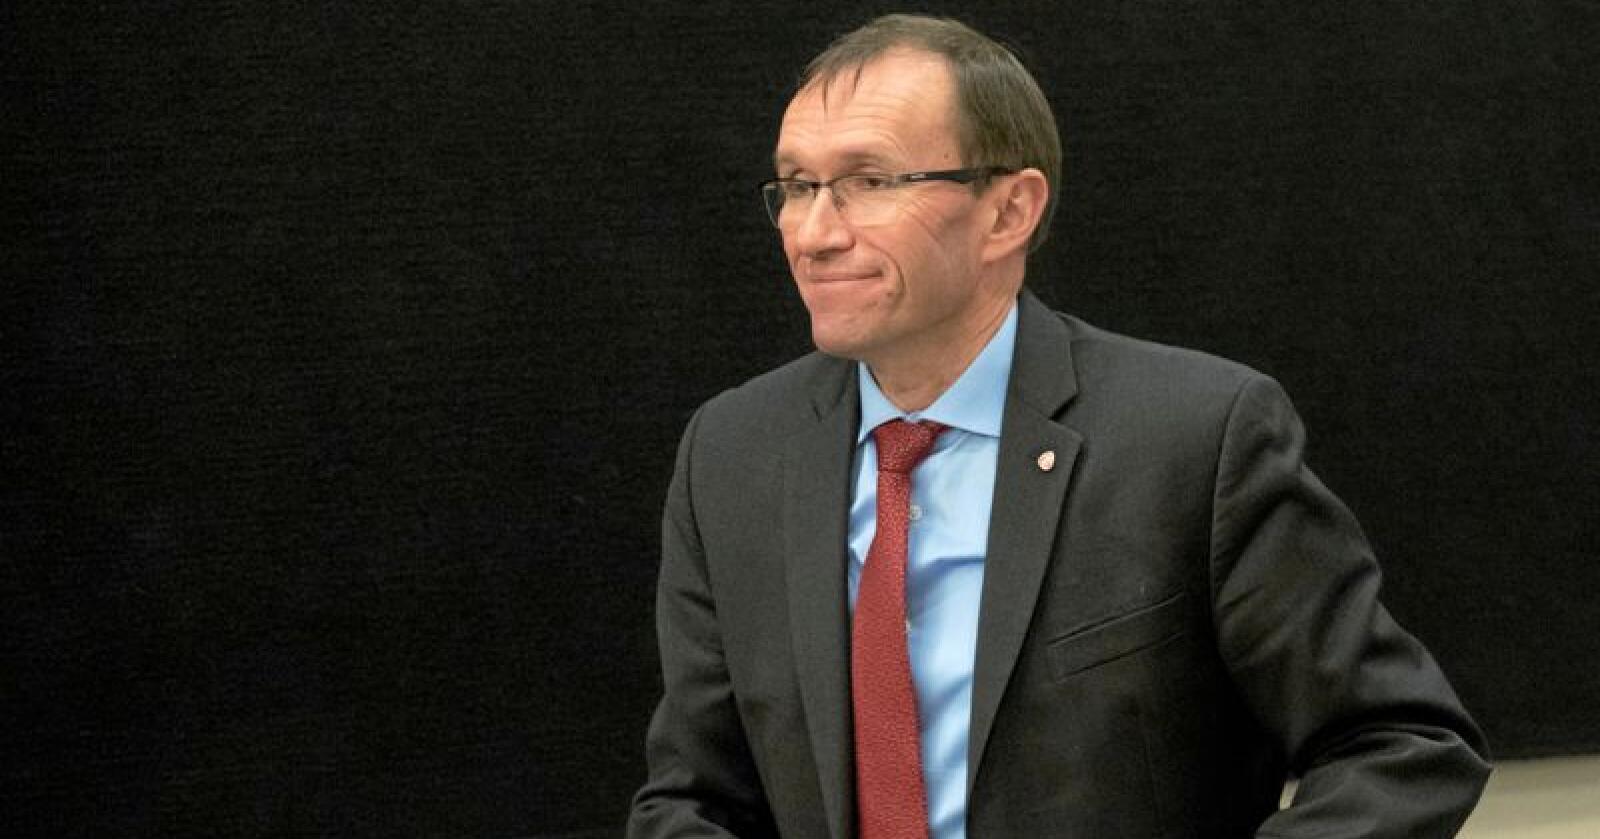 Godt fornøyd: Espen Barth Eide i Ap er fornøyd med Stortingets behandling av EUs 3. energipakke. Foto: Terje Bendiksby / NTB scanpix